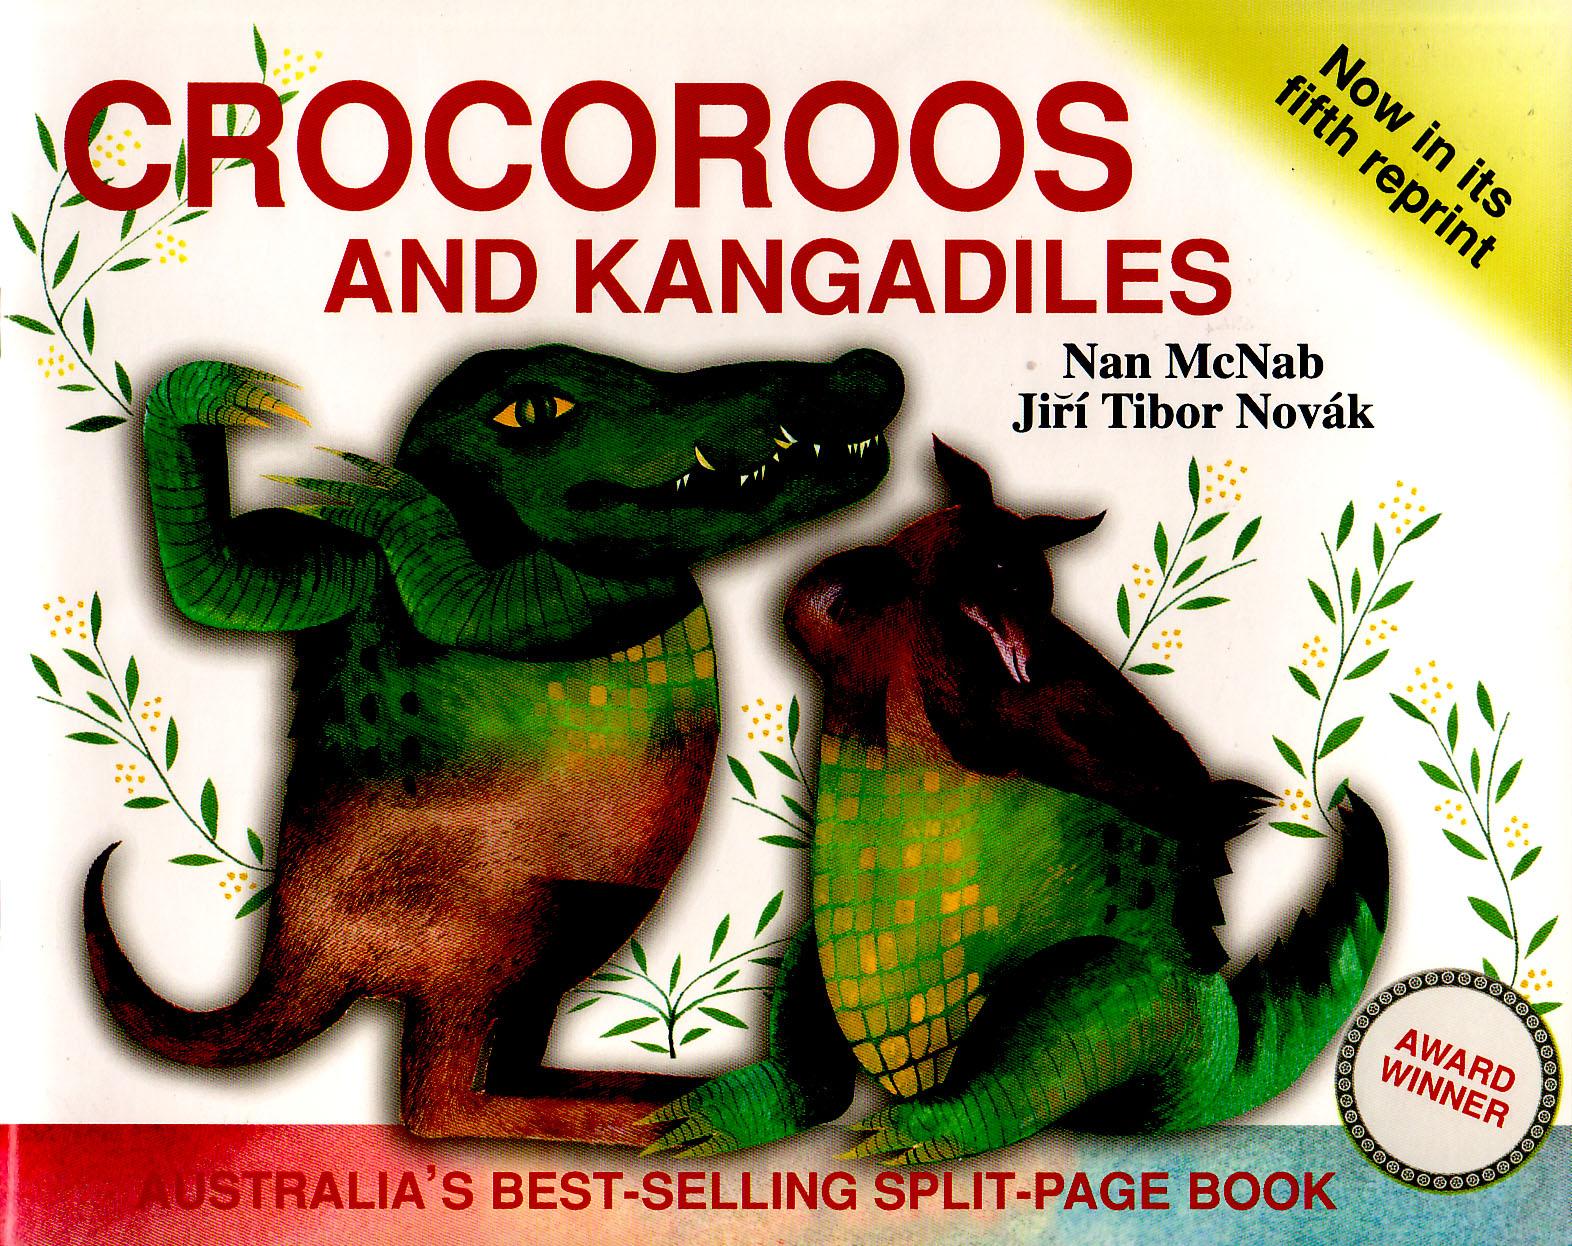 Crocoroos and Kangadiles